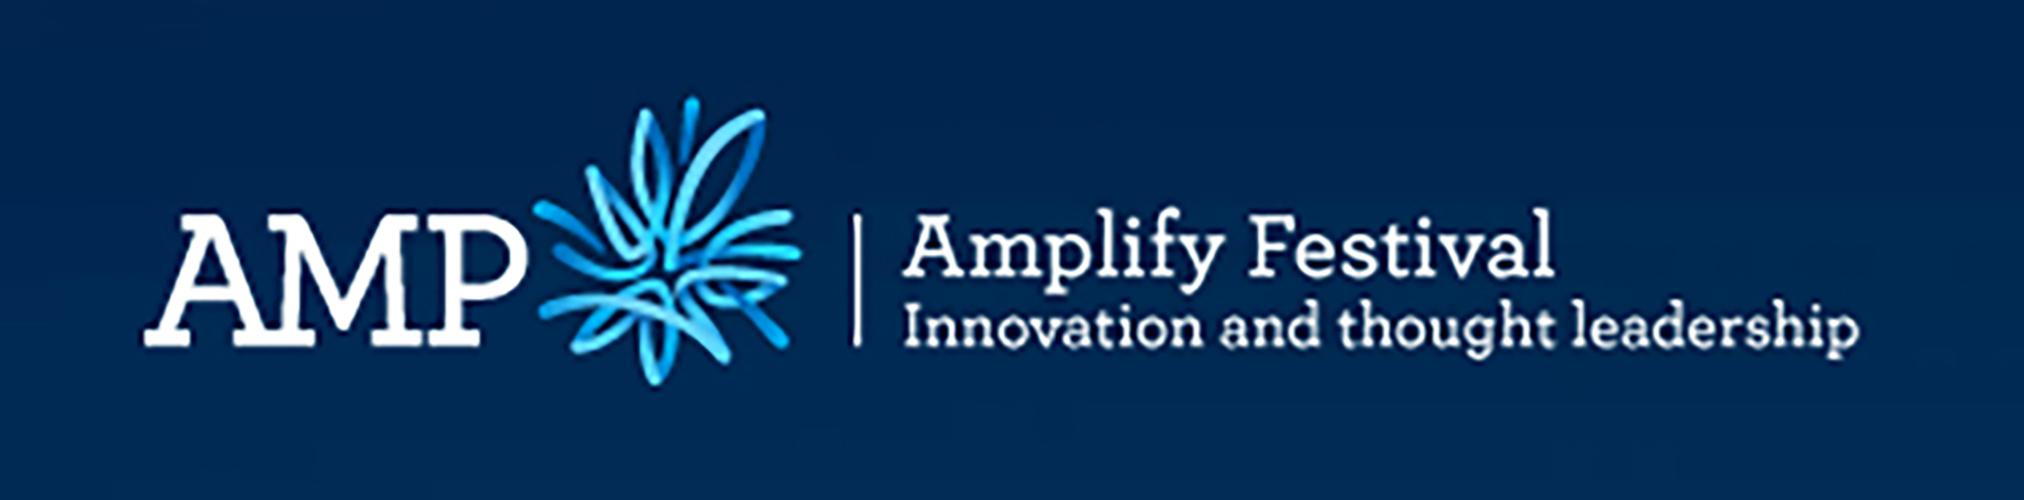 Amplify-logo.jpg